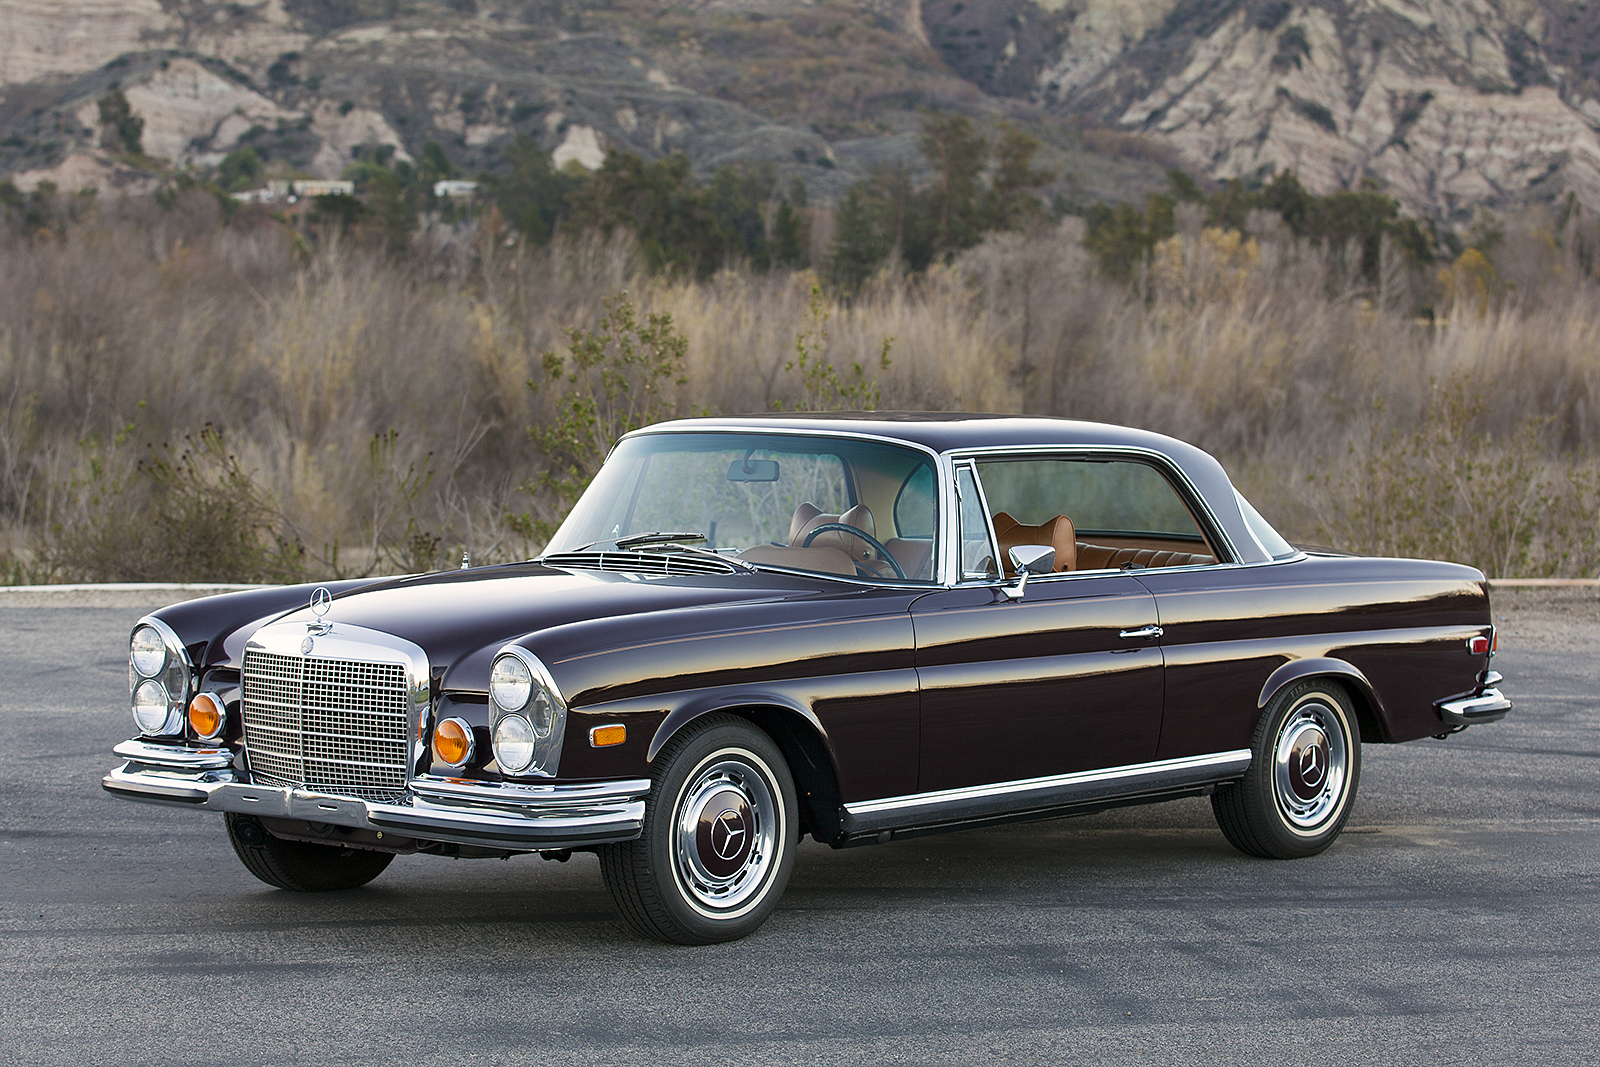 1971 mercedes benz 280se 3 5 mbclassics for Mercedes benz classics for sale